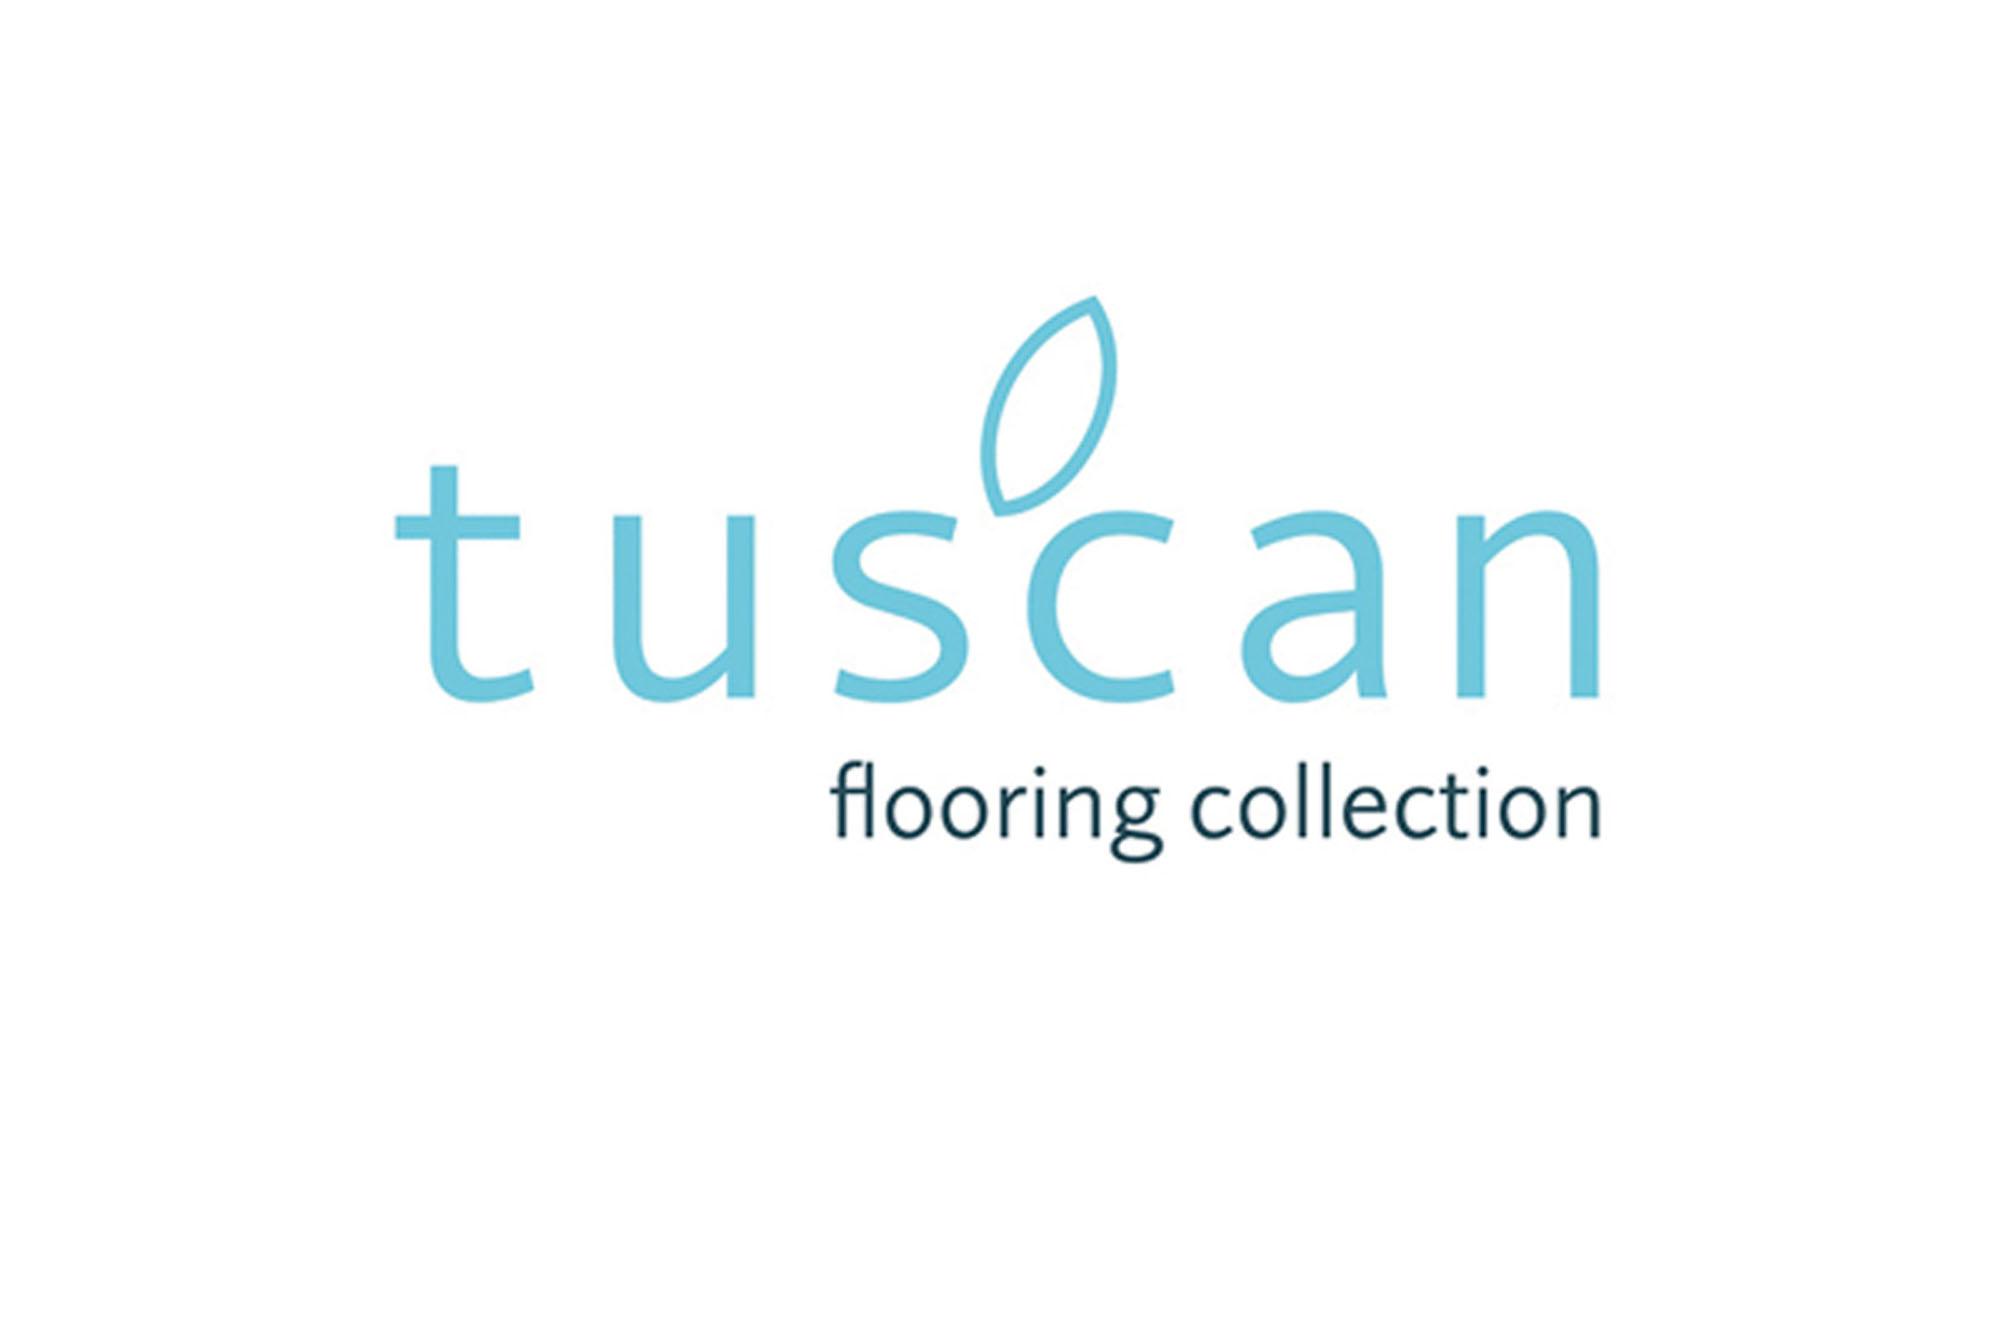 logo-tuscan-flooring-logo-resize